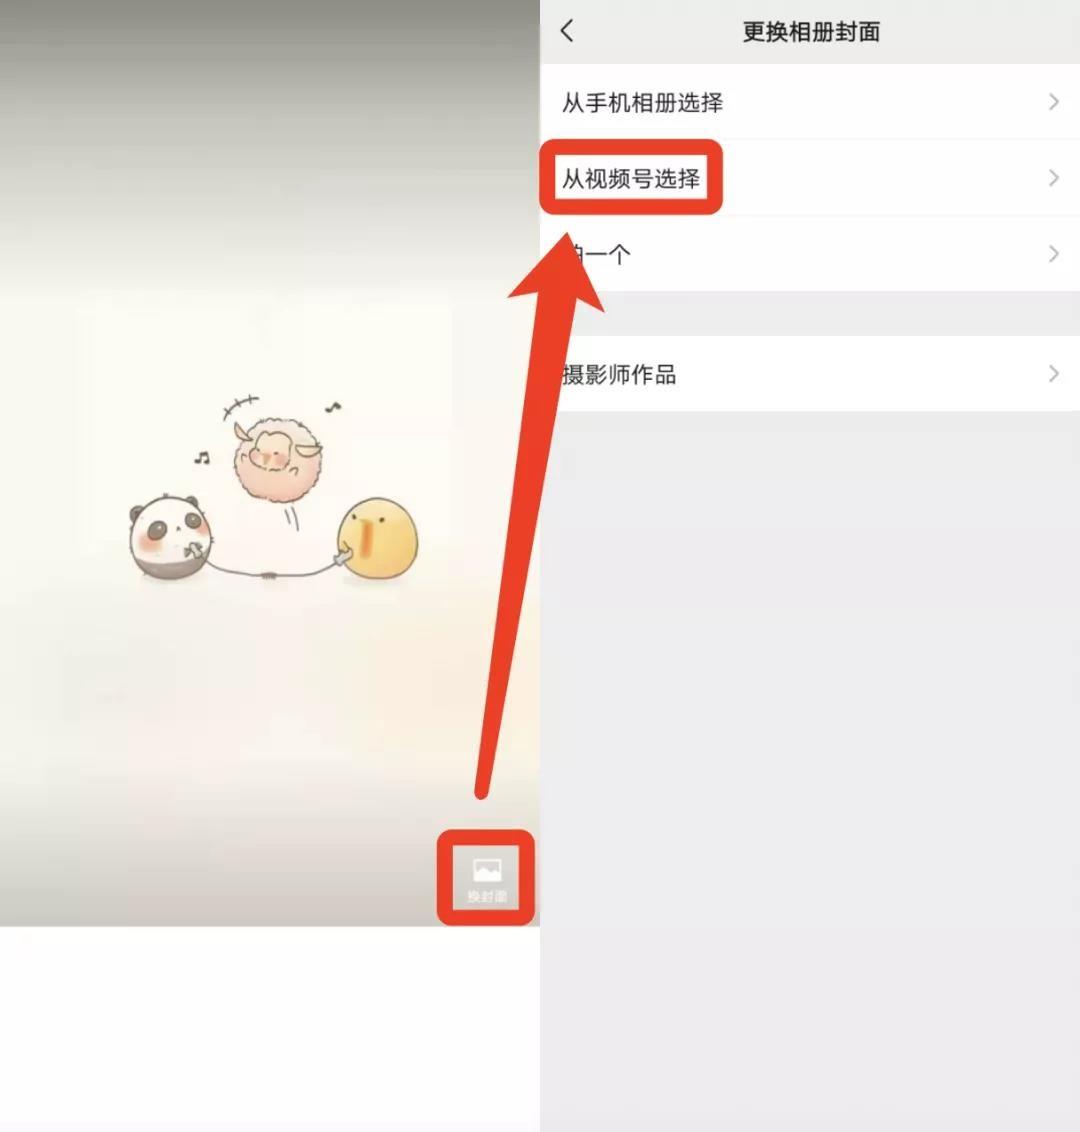 微信再更新 朋友圈测试视频封面_图1-1